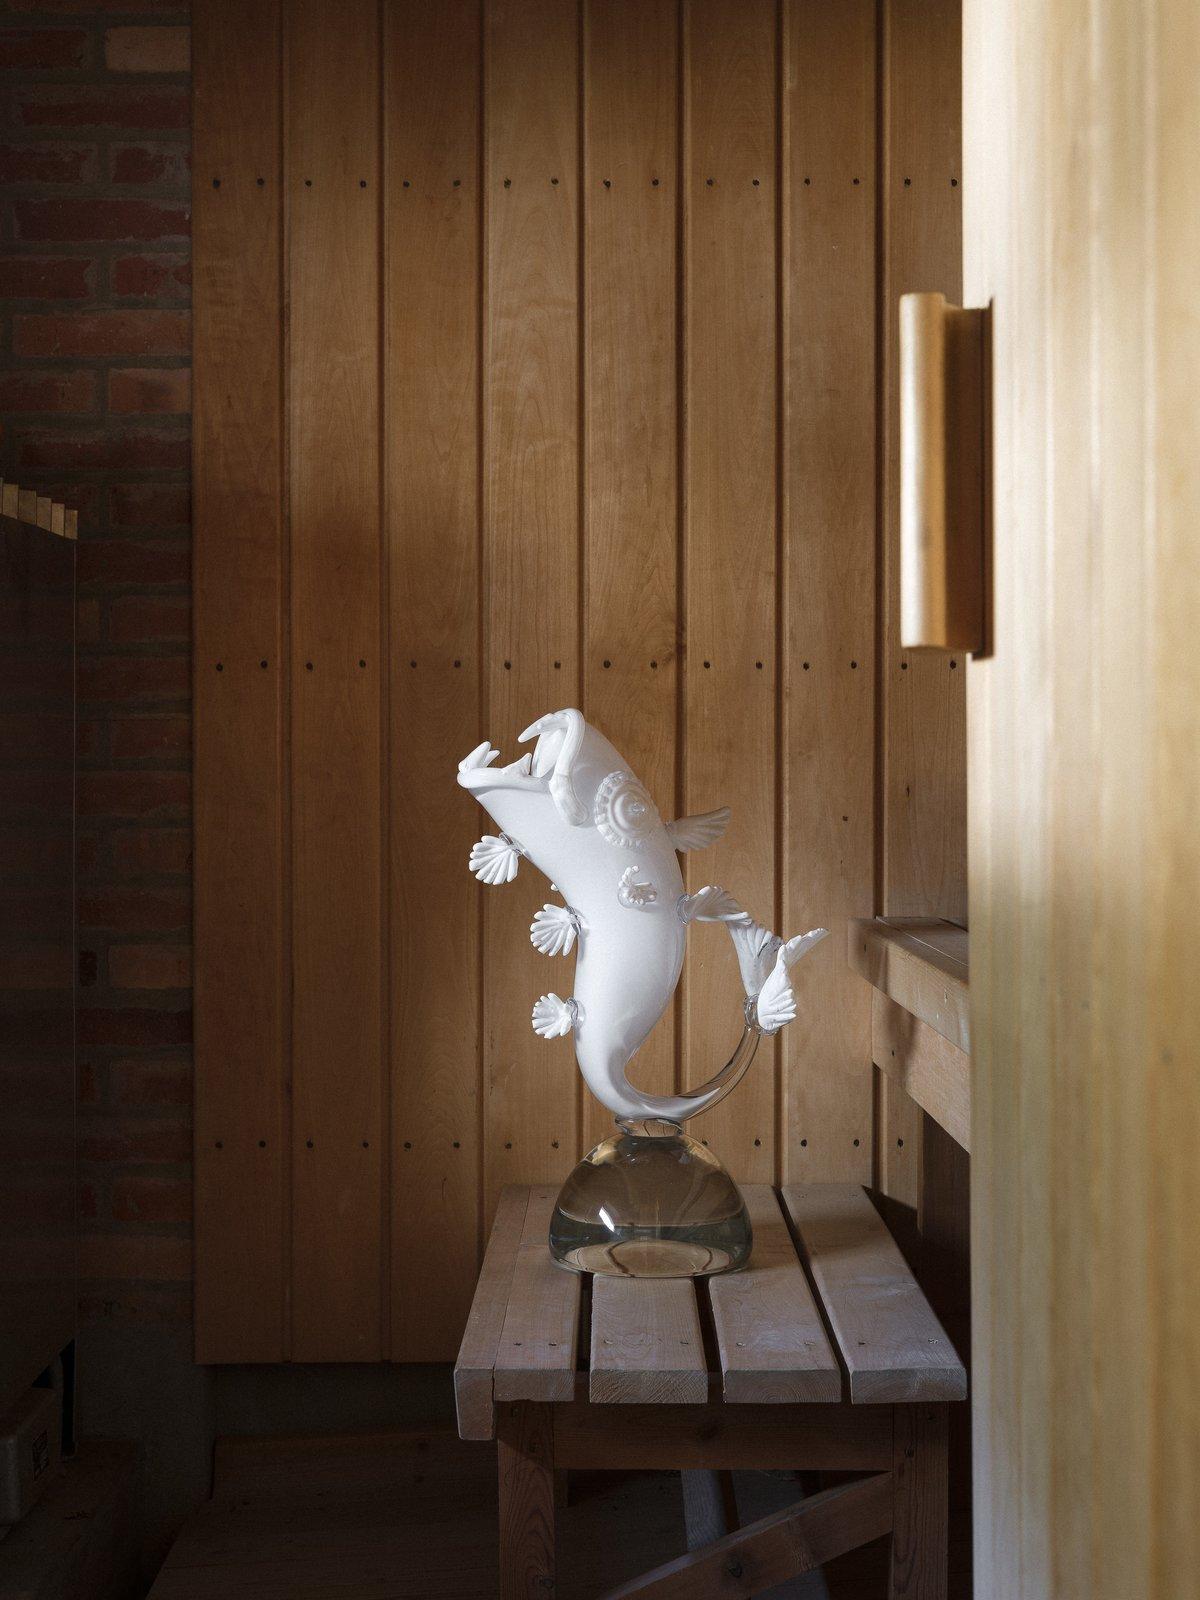 Alvar Aalto Maison Louis Carré  Call to the Wild (L'Appel de la Nature) Laura Laine,  Kustaa Saksi,  Kim Simonsson sauna